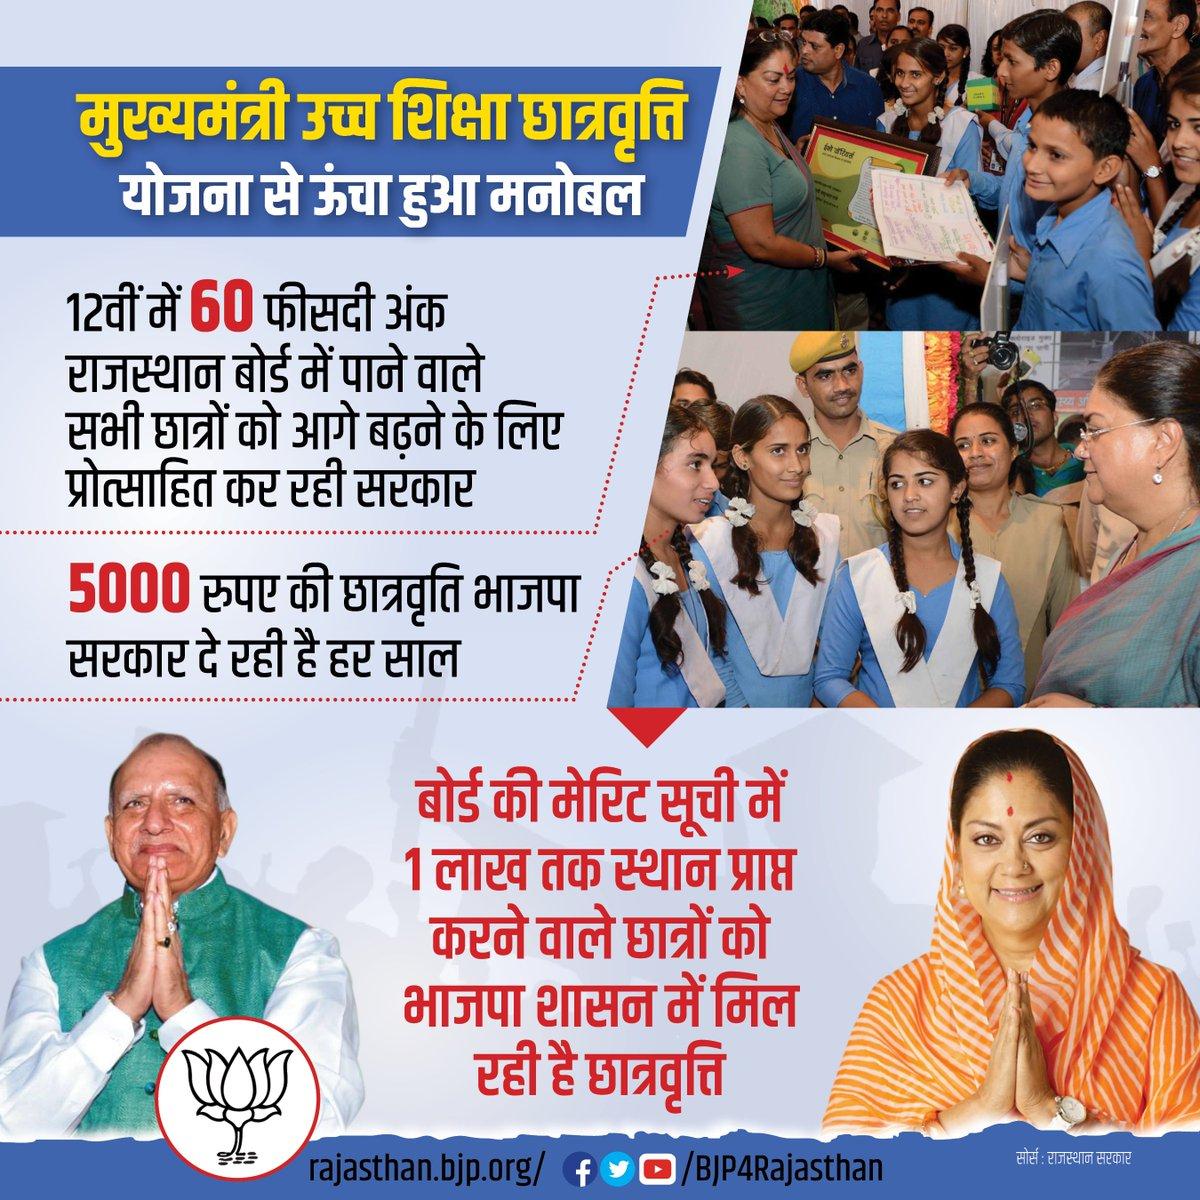 Rajasthan mukhyamnatri uchh shiksha